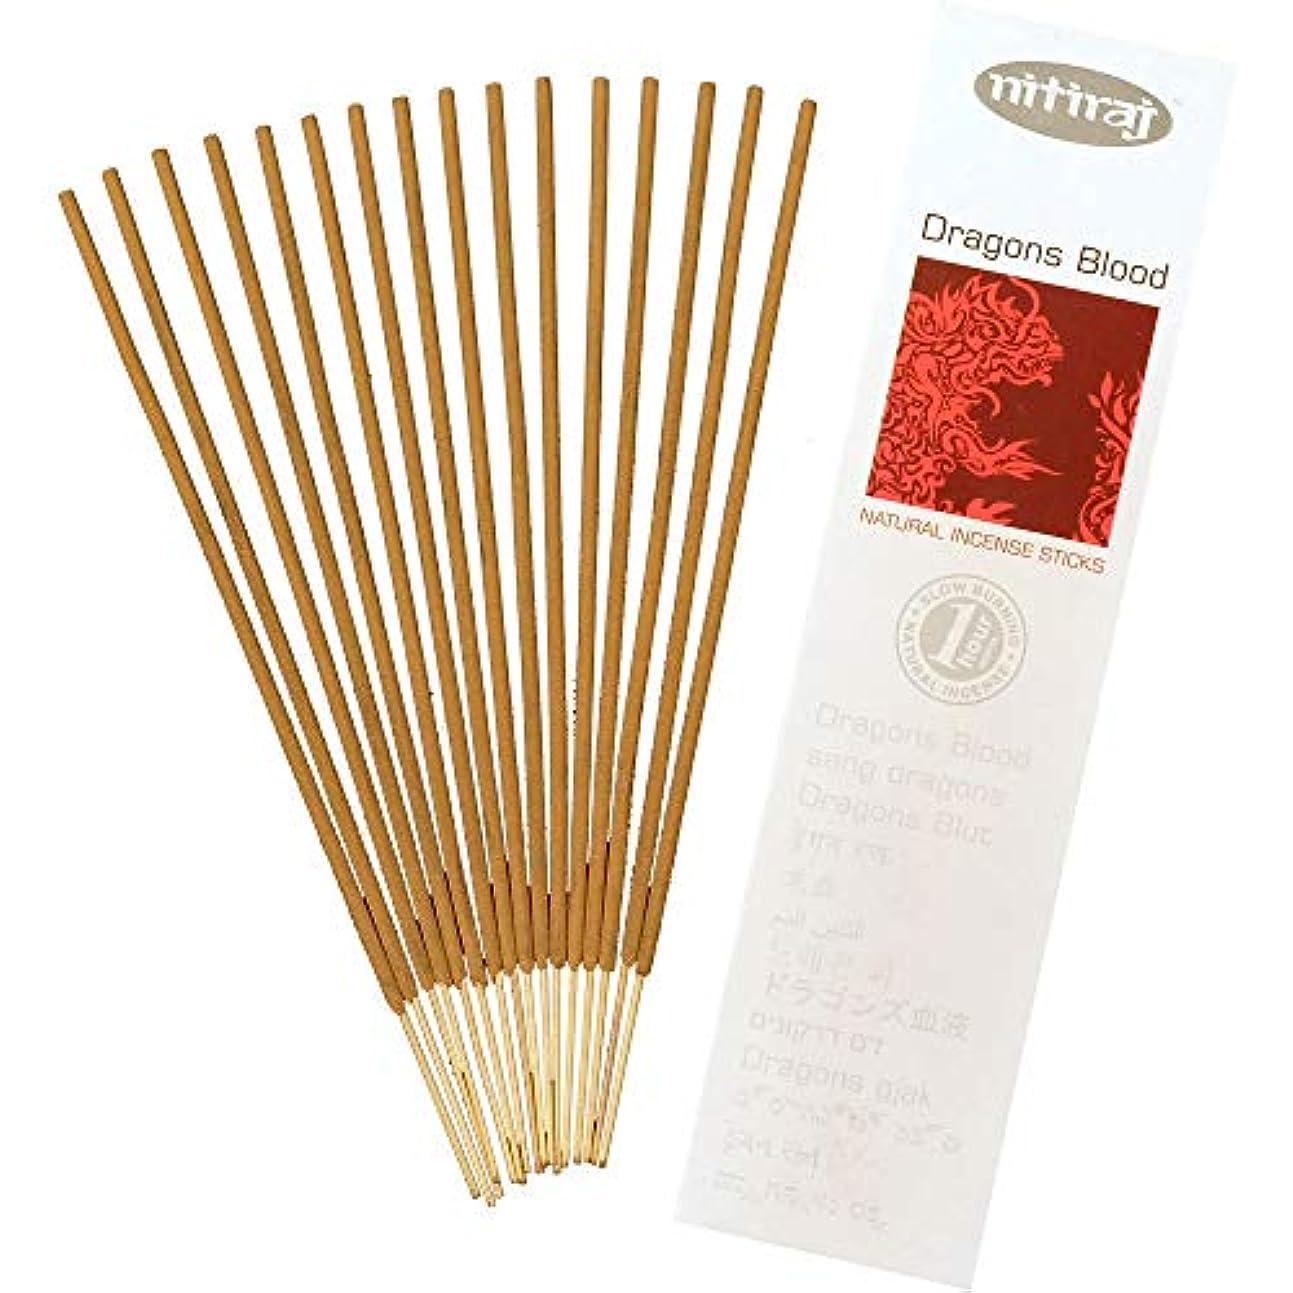 剃る膨らみ主流Nitirajプラチナ天然Incense Sticks Slow Burning 1hr。2パック DRAGONSBLOOD